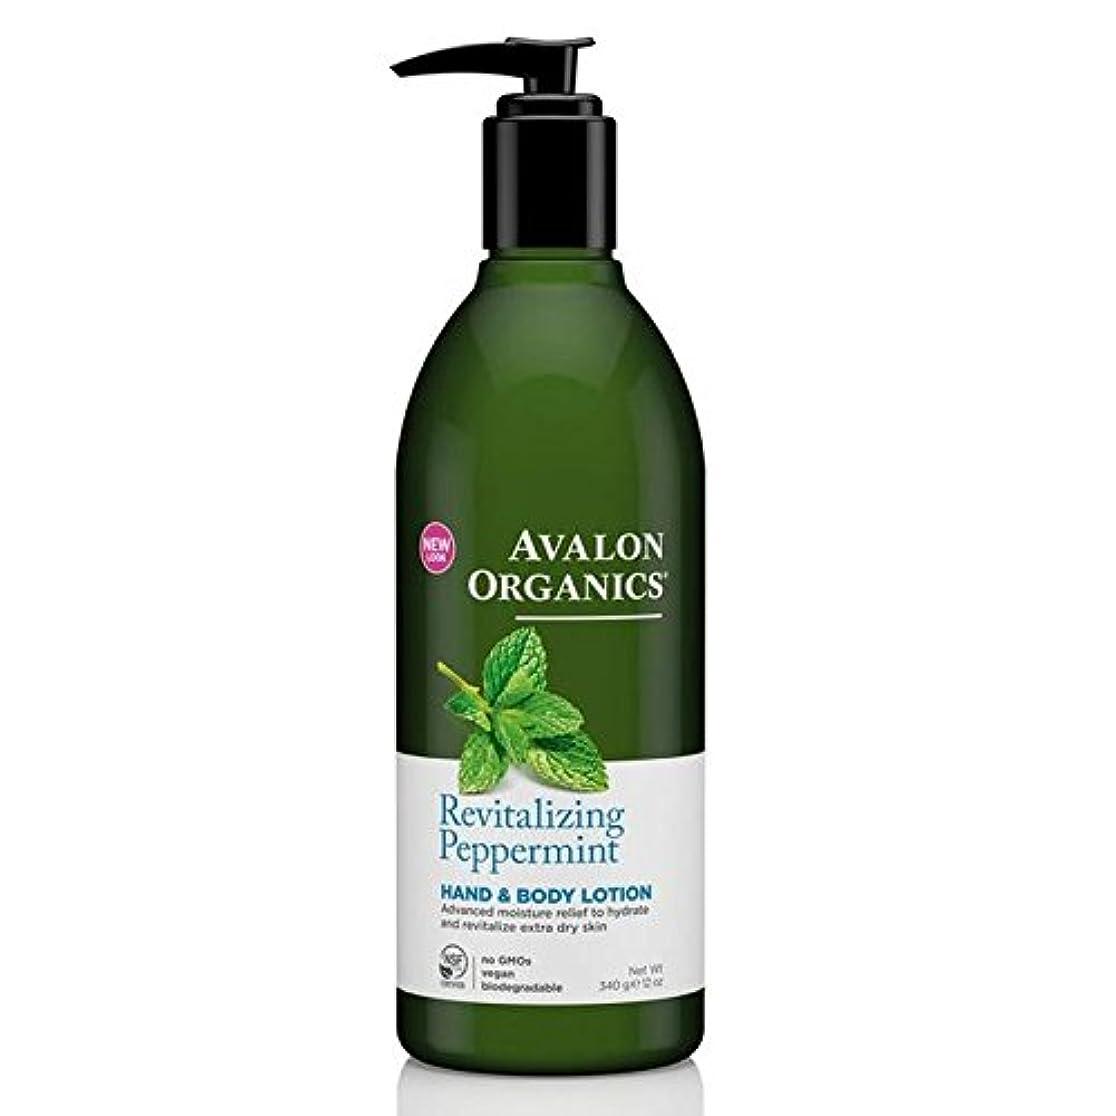 日付追記想像するAvalon Peppermint Hand & Body Lotion 340g - (Avalon) ペパーミントハンド&ボディローション340グラム [並行輸入品]